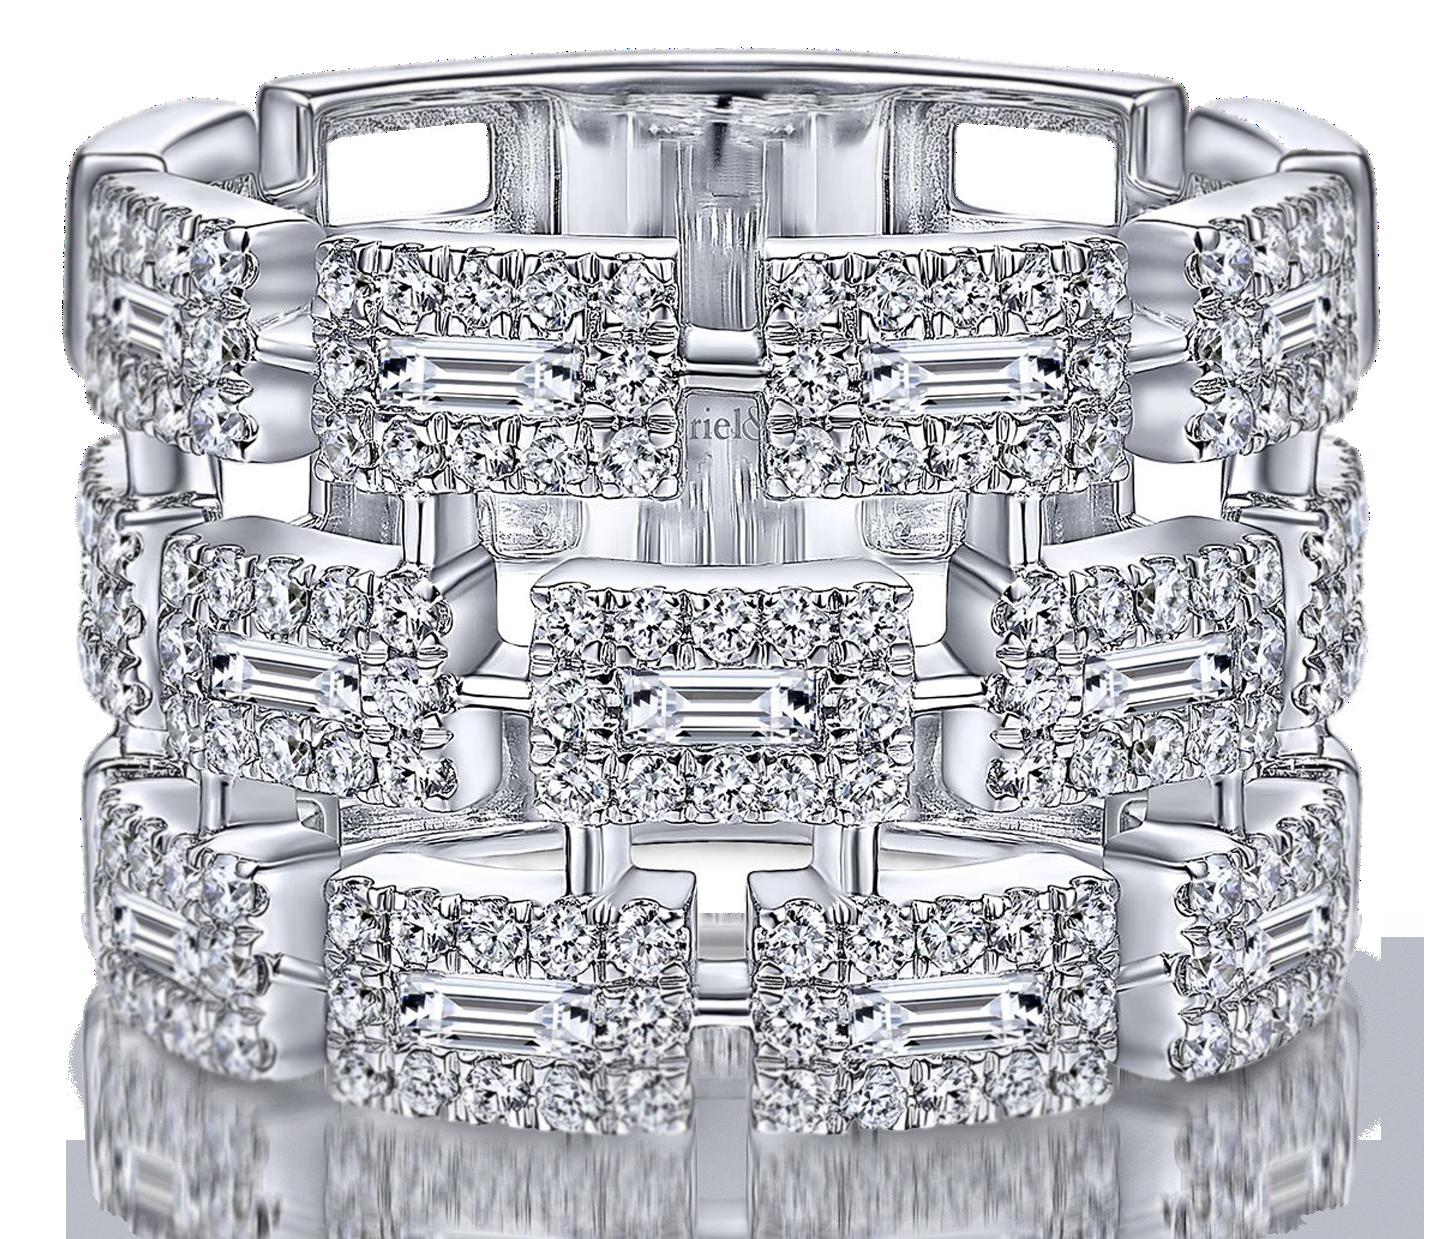 Best Ring (Under $5,000) – 2019 Winners